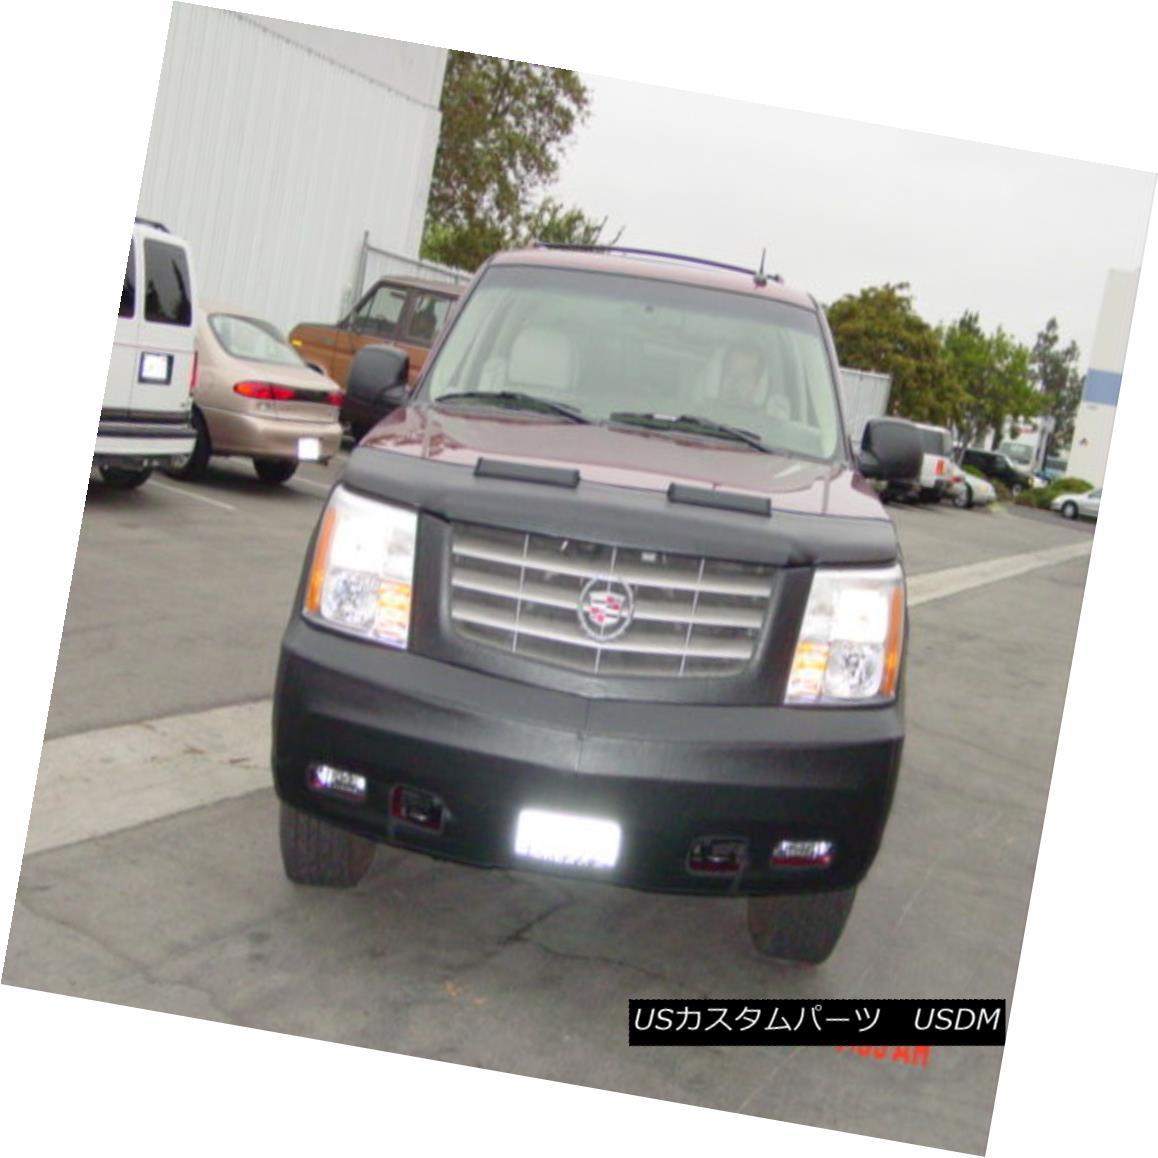 フルブラ ノーズブラ Colgan Front End Mask Bra 2pc. Fits Cadillac Escalade 2002-2004 W/License コルガンフロントエンドマスクブラ2pc Cadillac Escalade 2002-2004 W / Licenseに適合